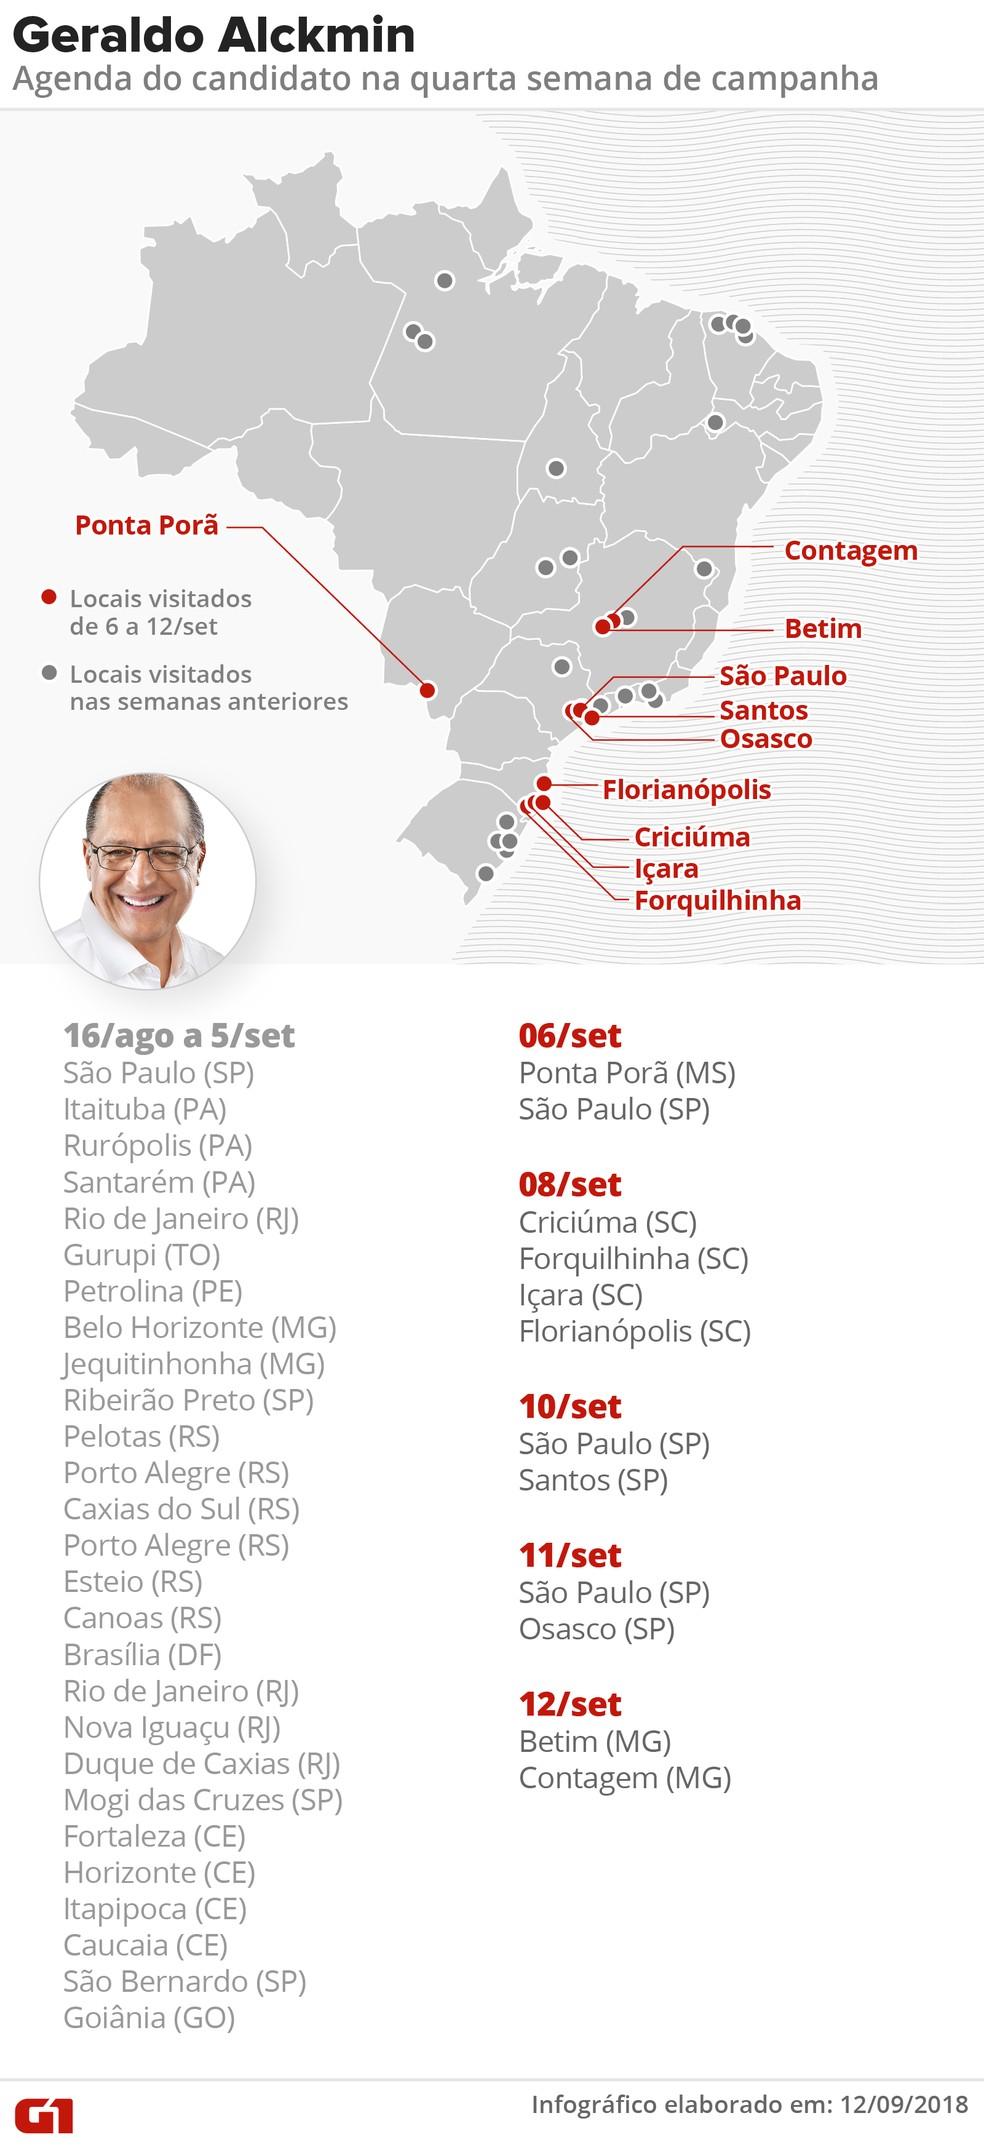 Agendas do candidato Geraldo Alckmin (PSDB) na 4ª semana de campanha presidencial — Foto: Roberta Jaworski/G1